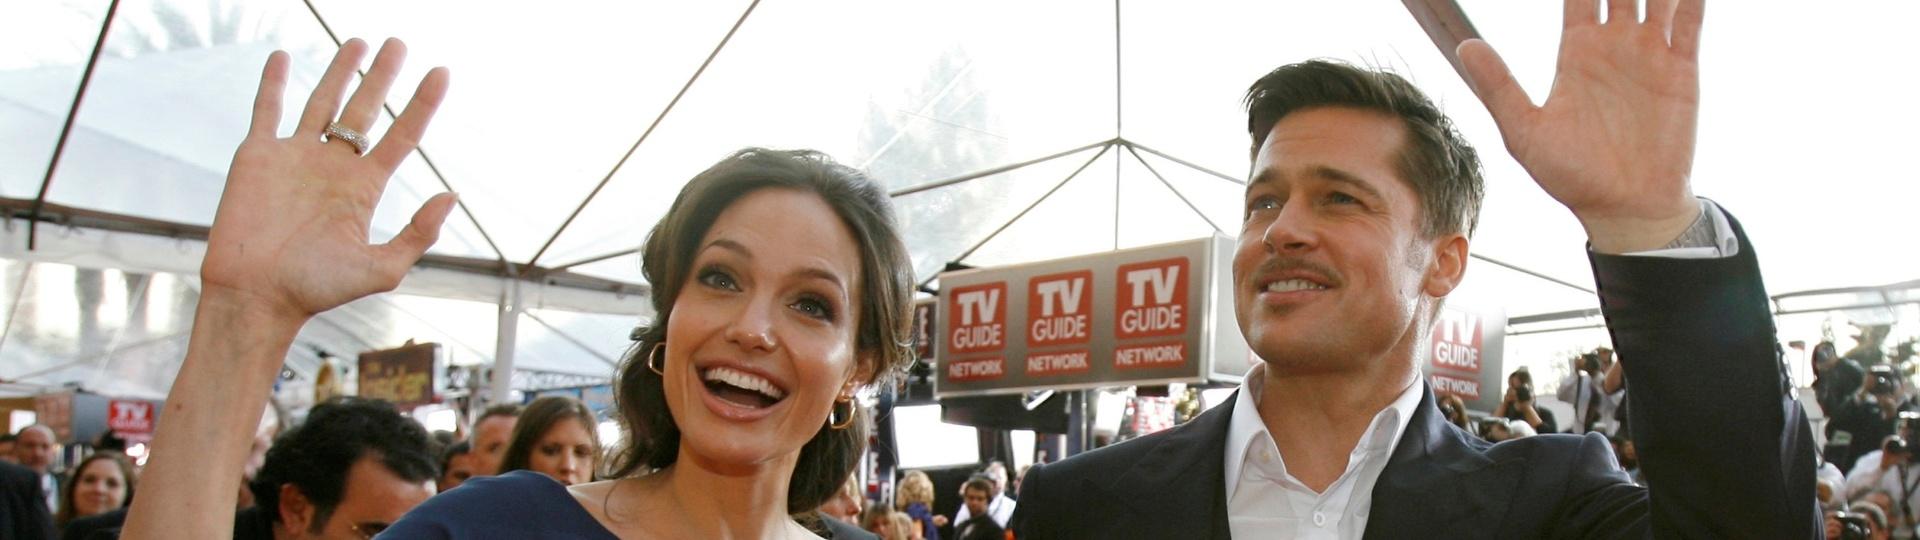 25.jan.2009 - Angelina Jolie e Brad Pitt no tapete vermelho do Screen Actors Guild Awards em Los Angeles